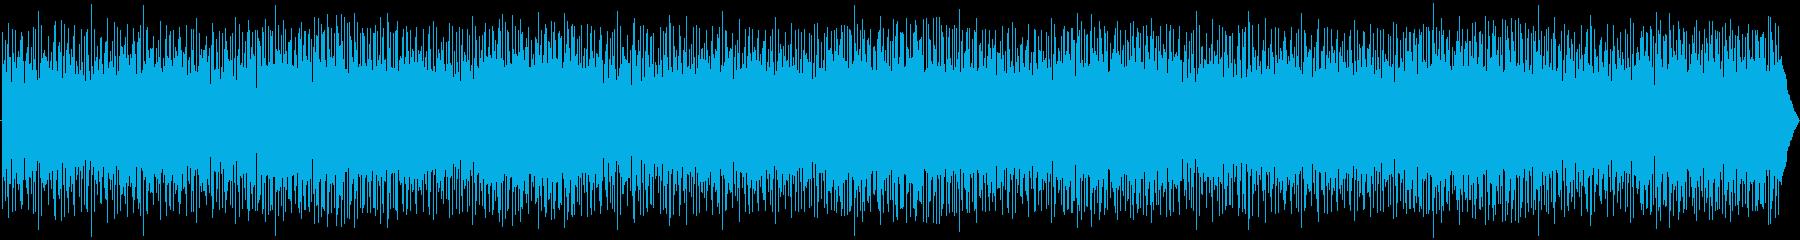 ニューエイジ、ライトポップ、モチベ...の再生済みの波形